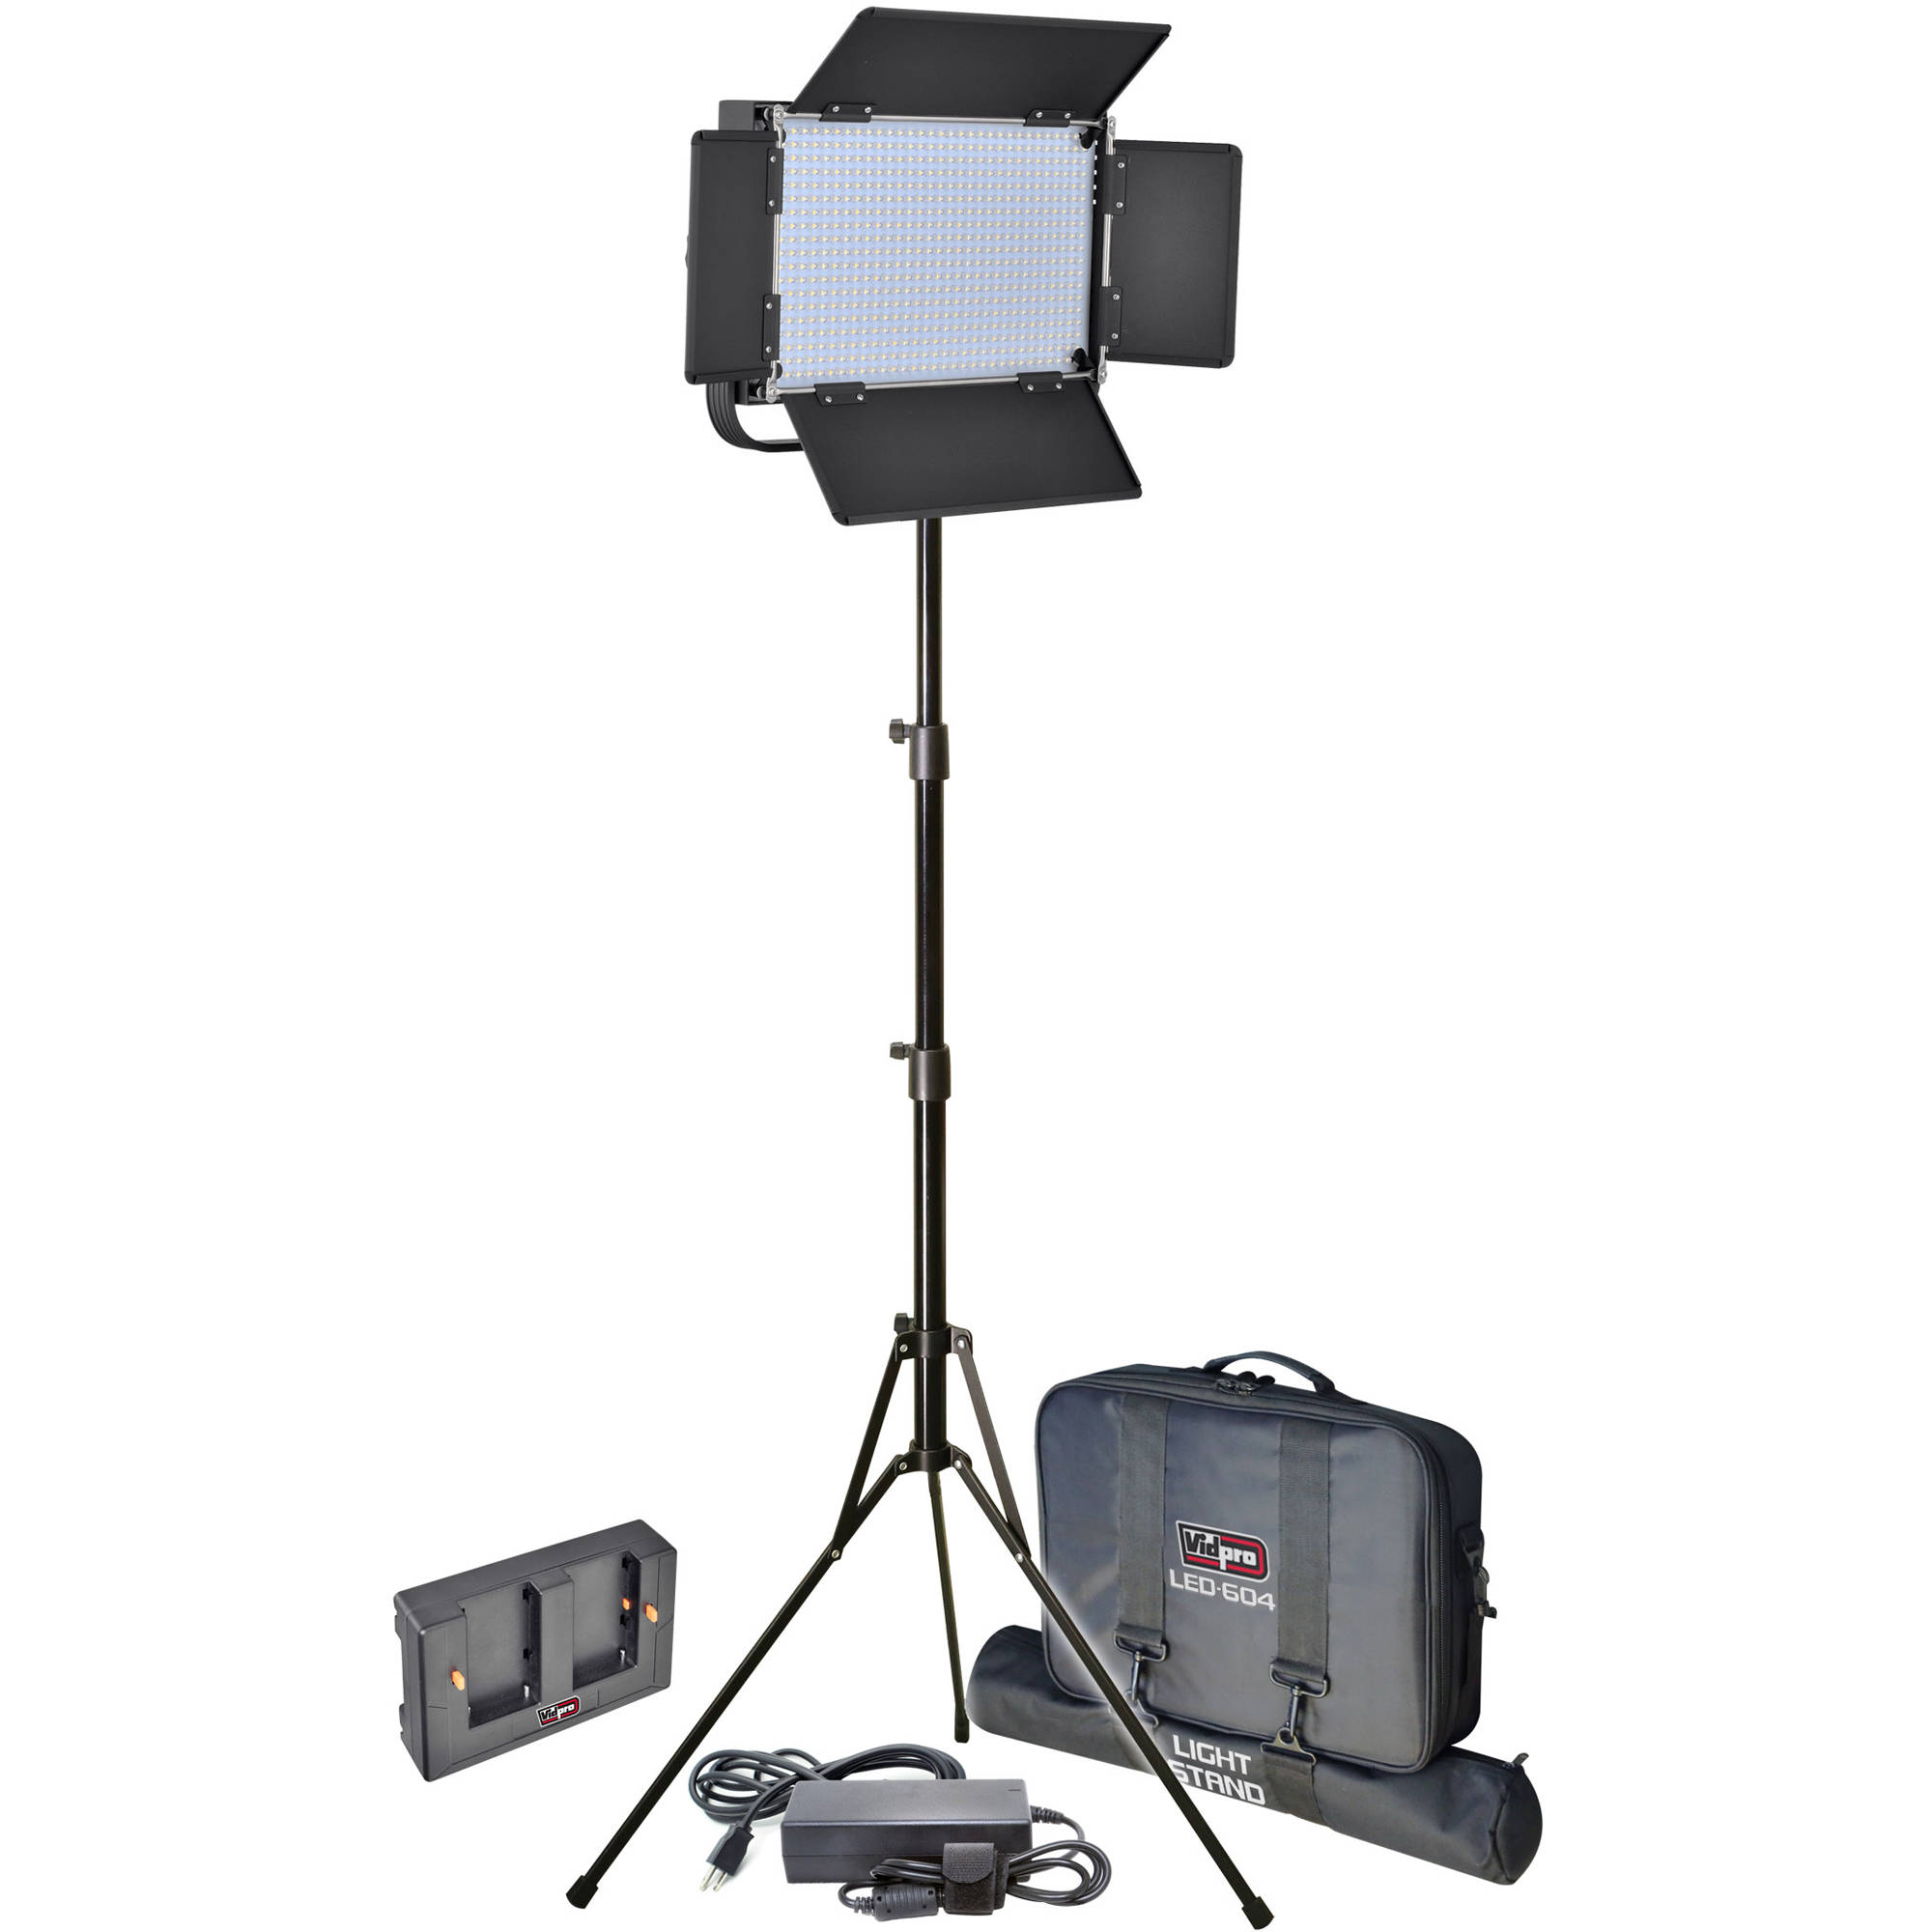 Vidpro Led 604 Pro Studio Light Kit